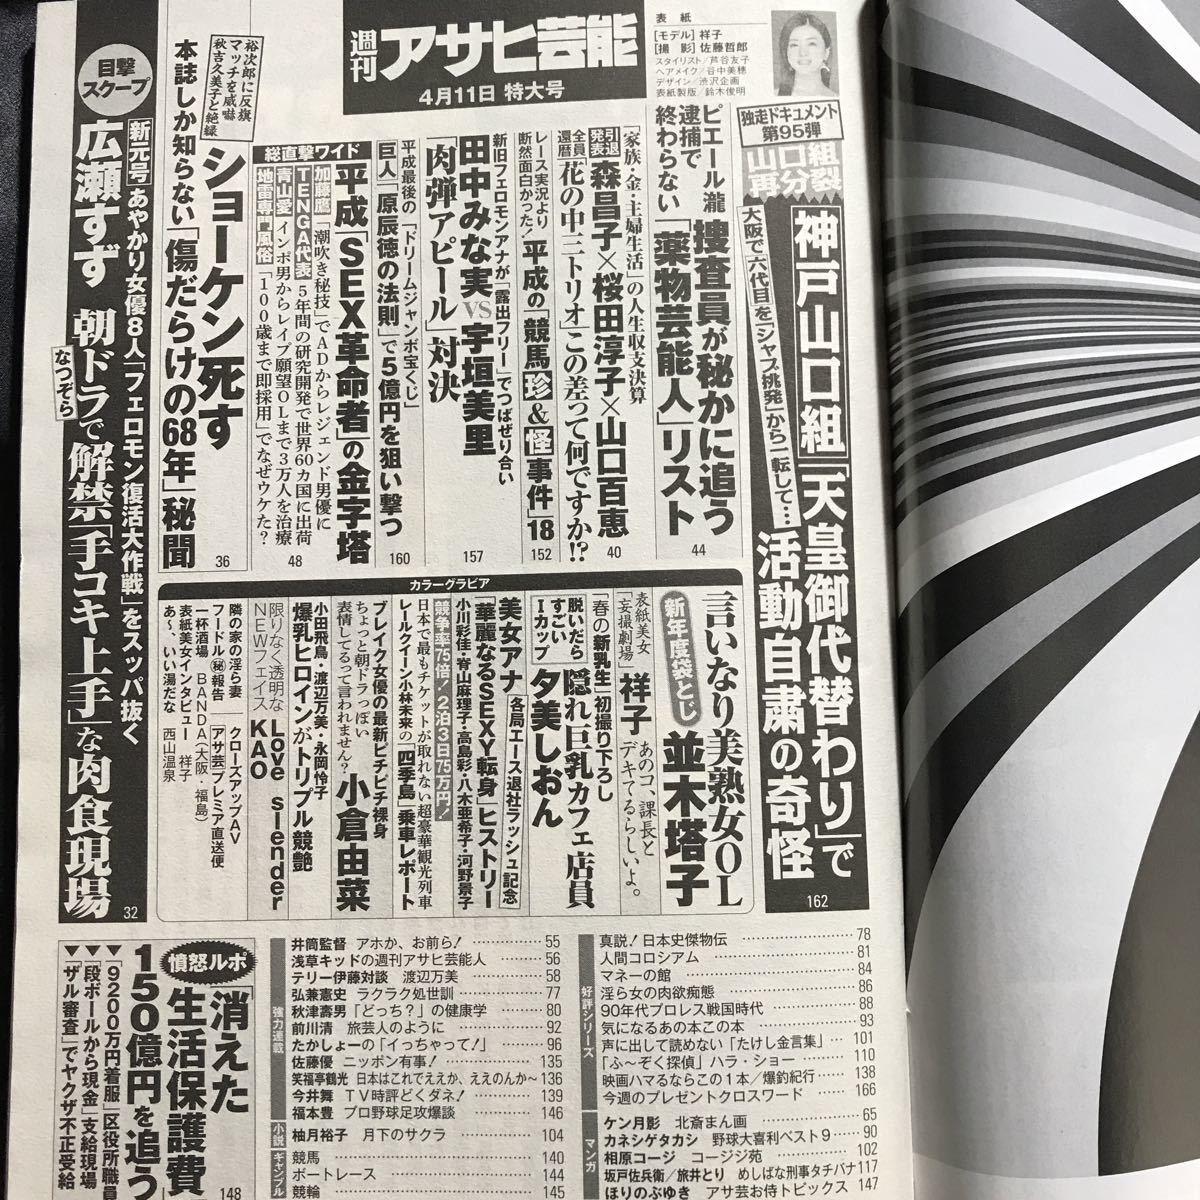 ☆【同梱可】週刊アサヒ芸能 2019/4/11 祥子 夕実しおん 並木塔子 小倉由菜_画像2